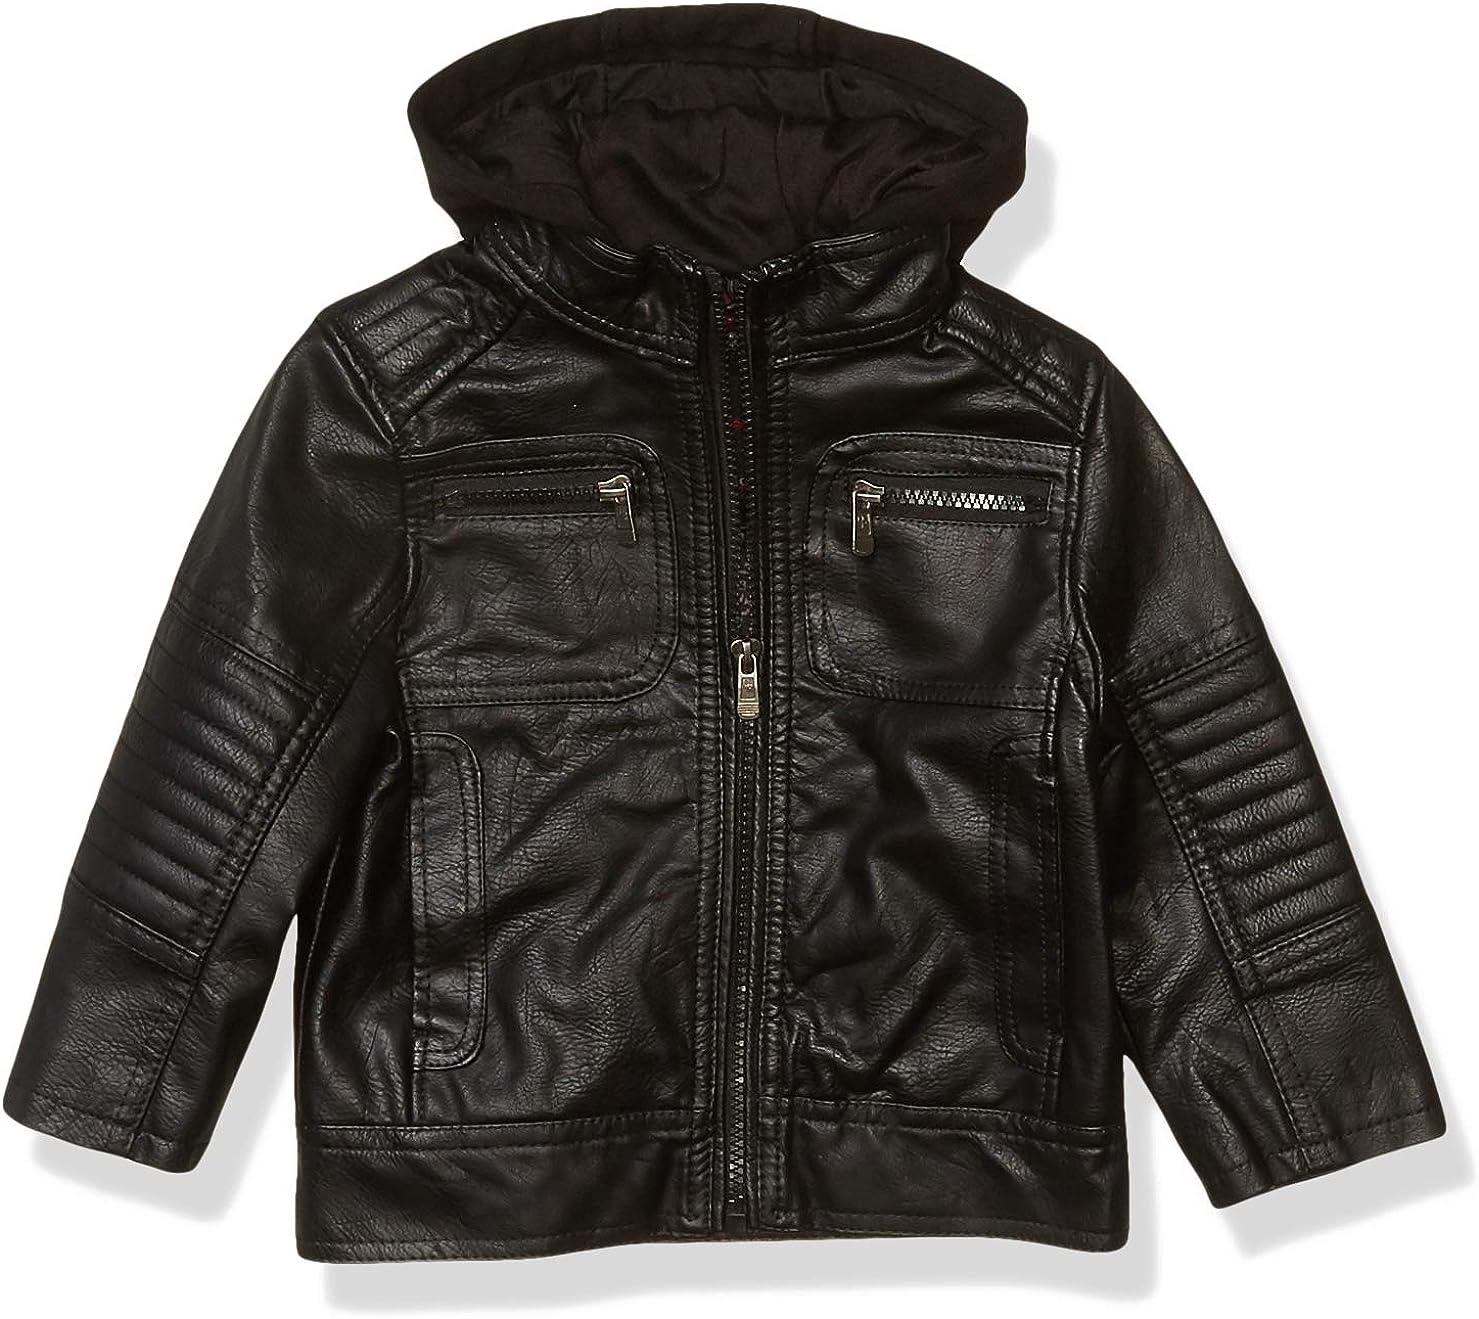 URBAN REPUBLIC Boys 驚きの値段 Artsy Faux Jacket Leather 毎日激安特売で 営業中です